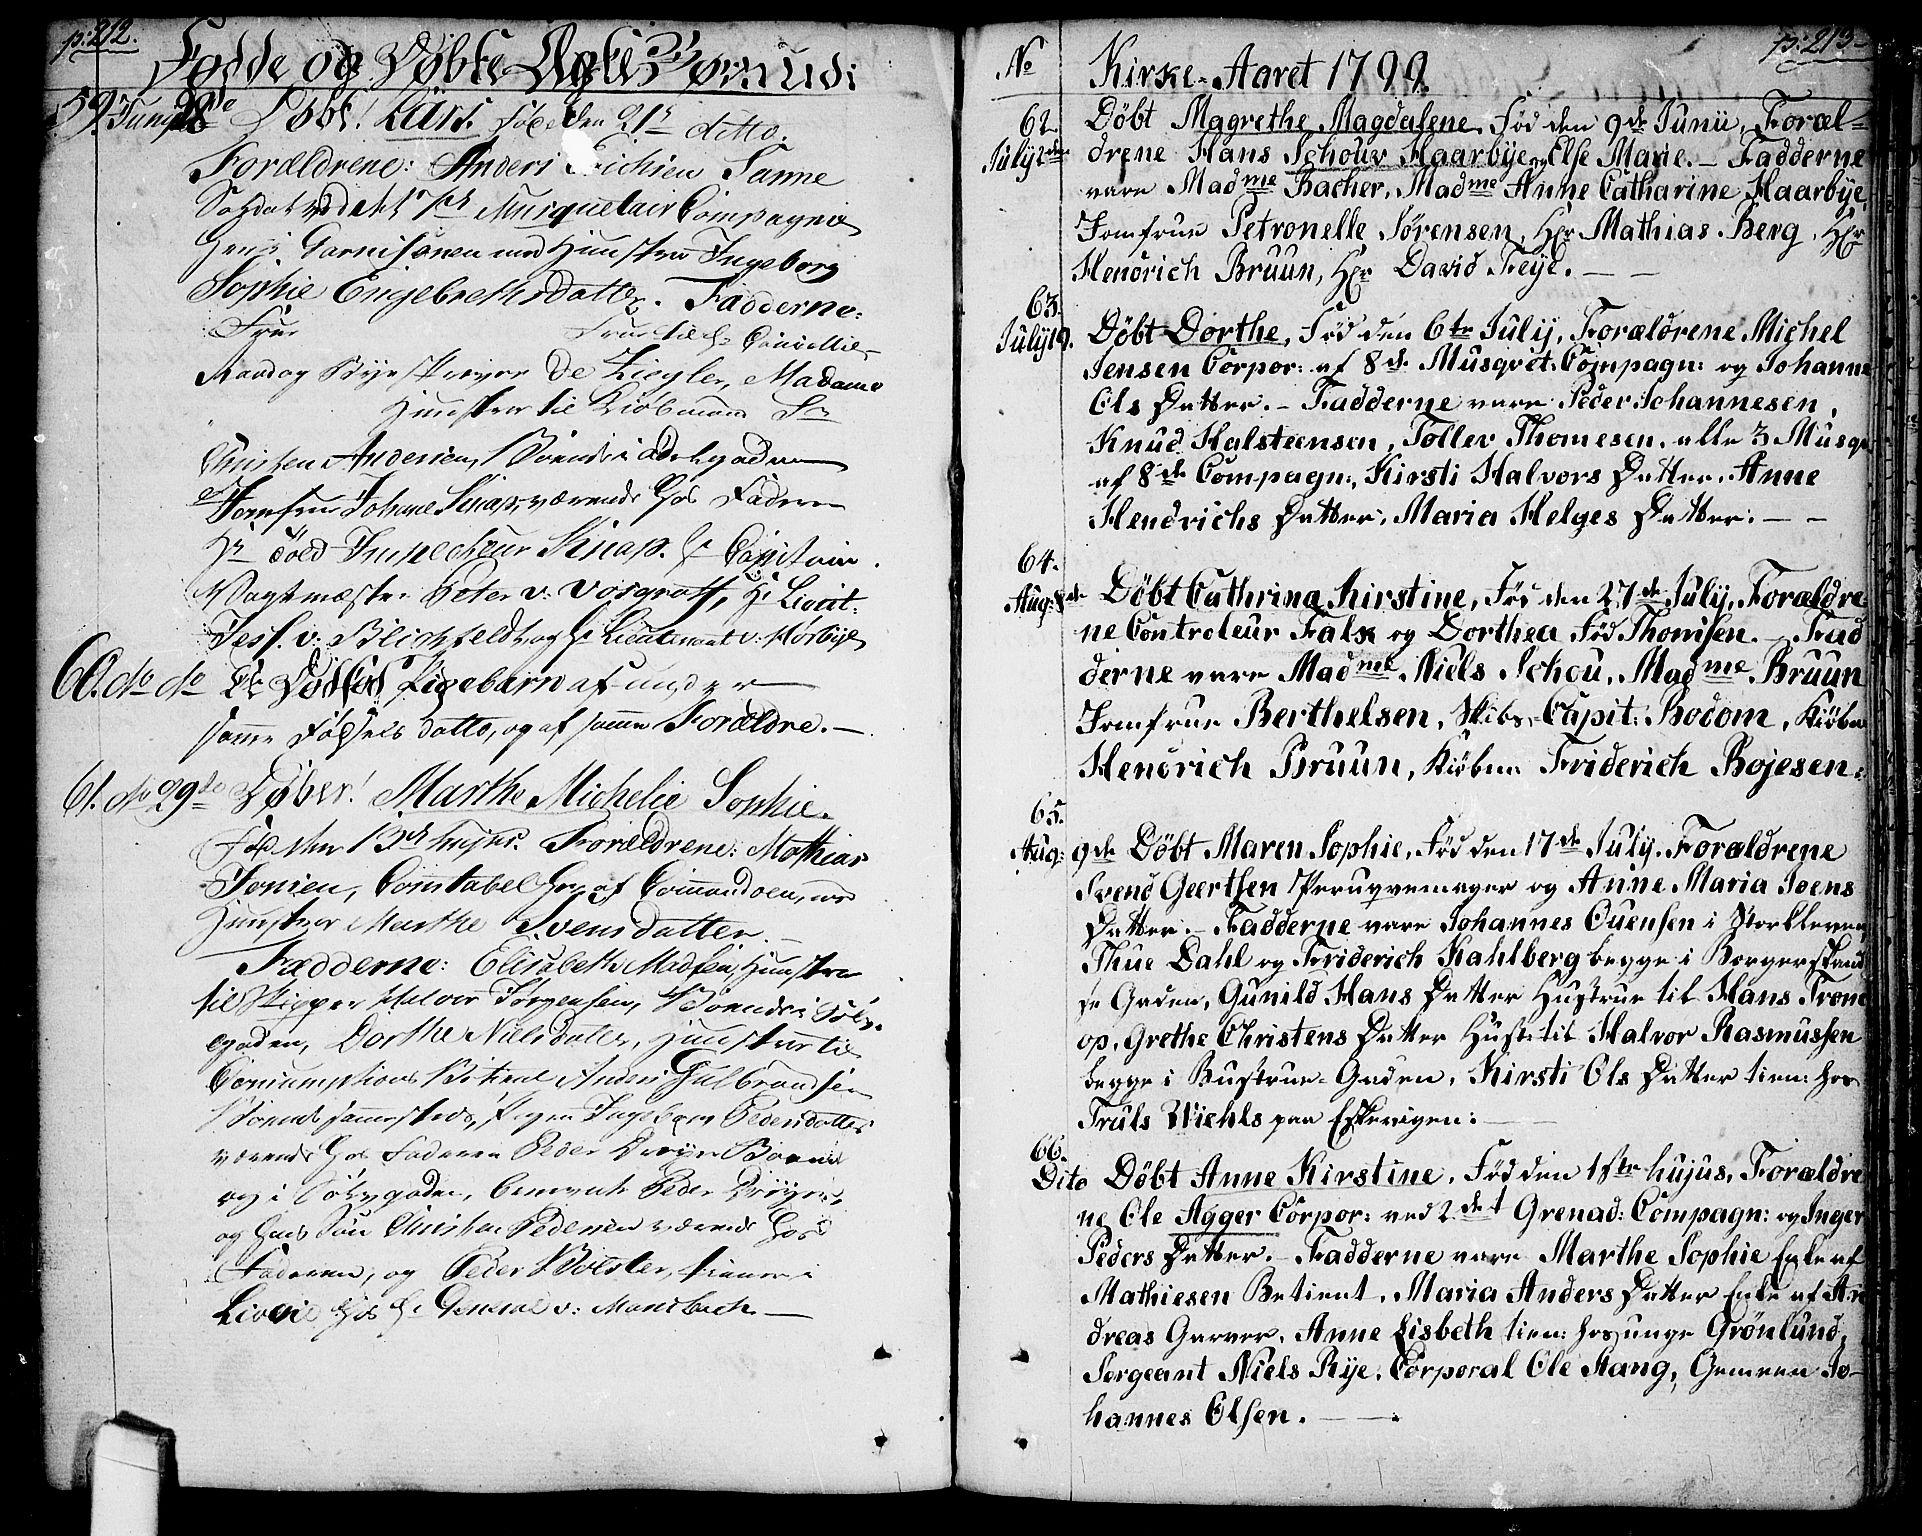 SAO, Halden prestekontor Kirkebøker, F/Fa/L0002: Ministerialbok nr. I 2, 1792-1812, s. 212-213